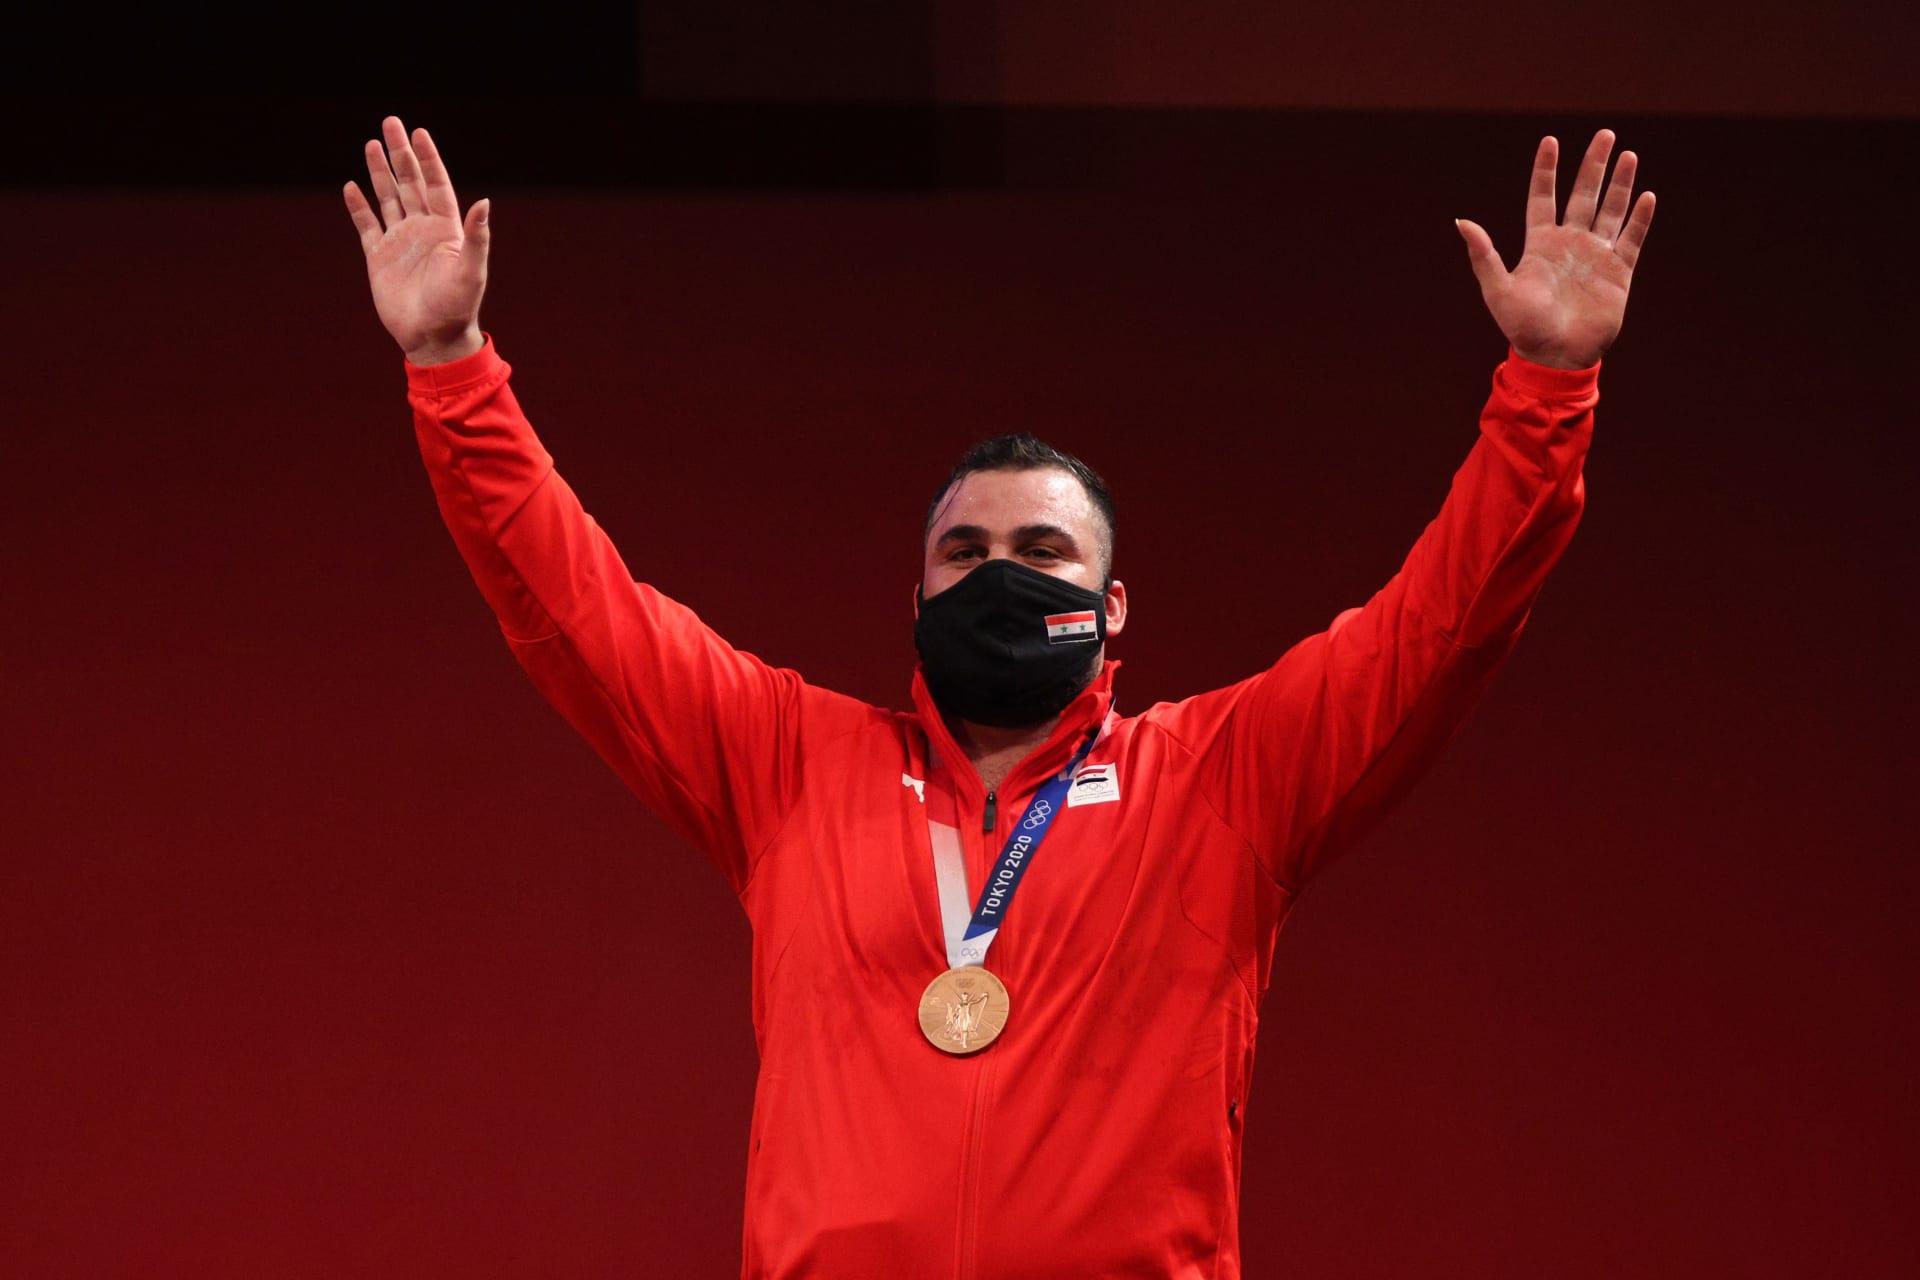 رغم التحديات والإصابة.. معن أسعد يهدي سوريا أول ميدالية أولمبية منذ 16 عاما